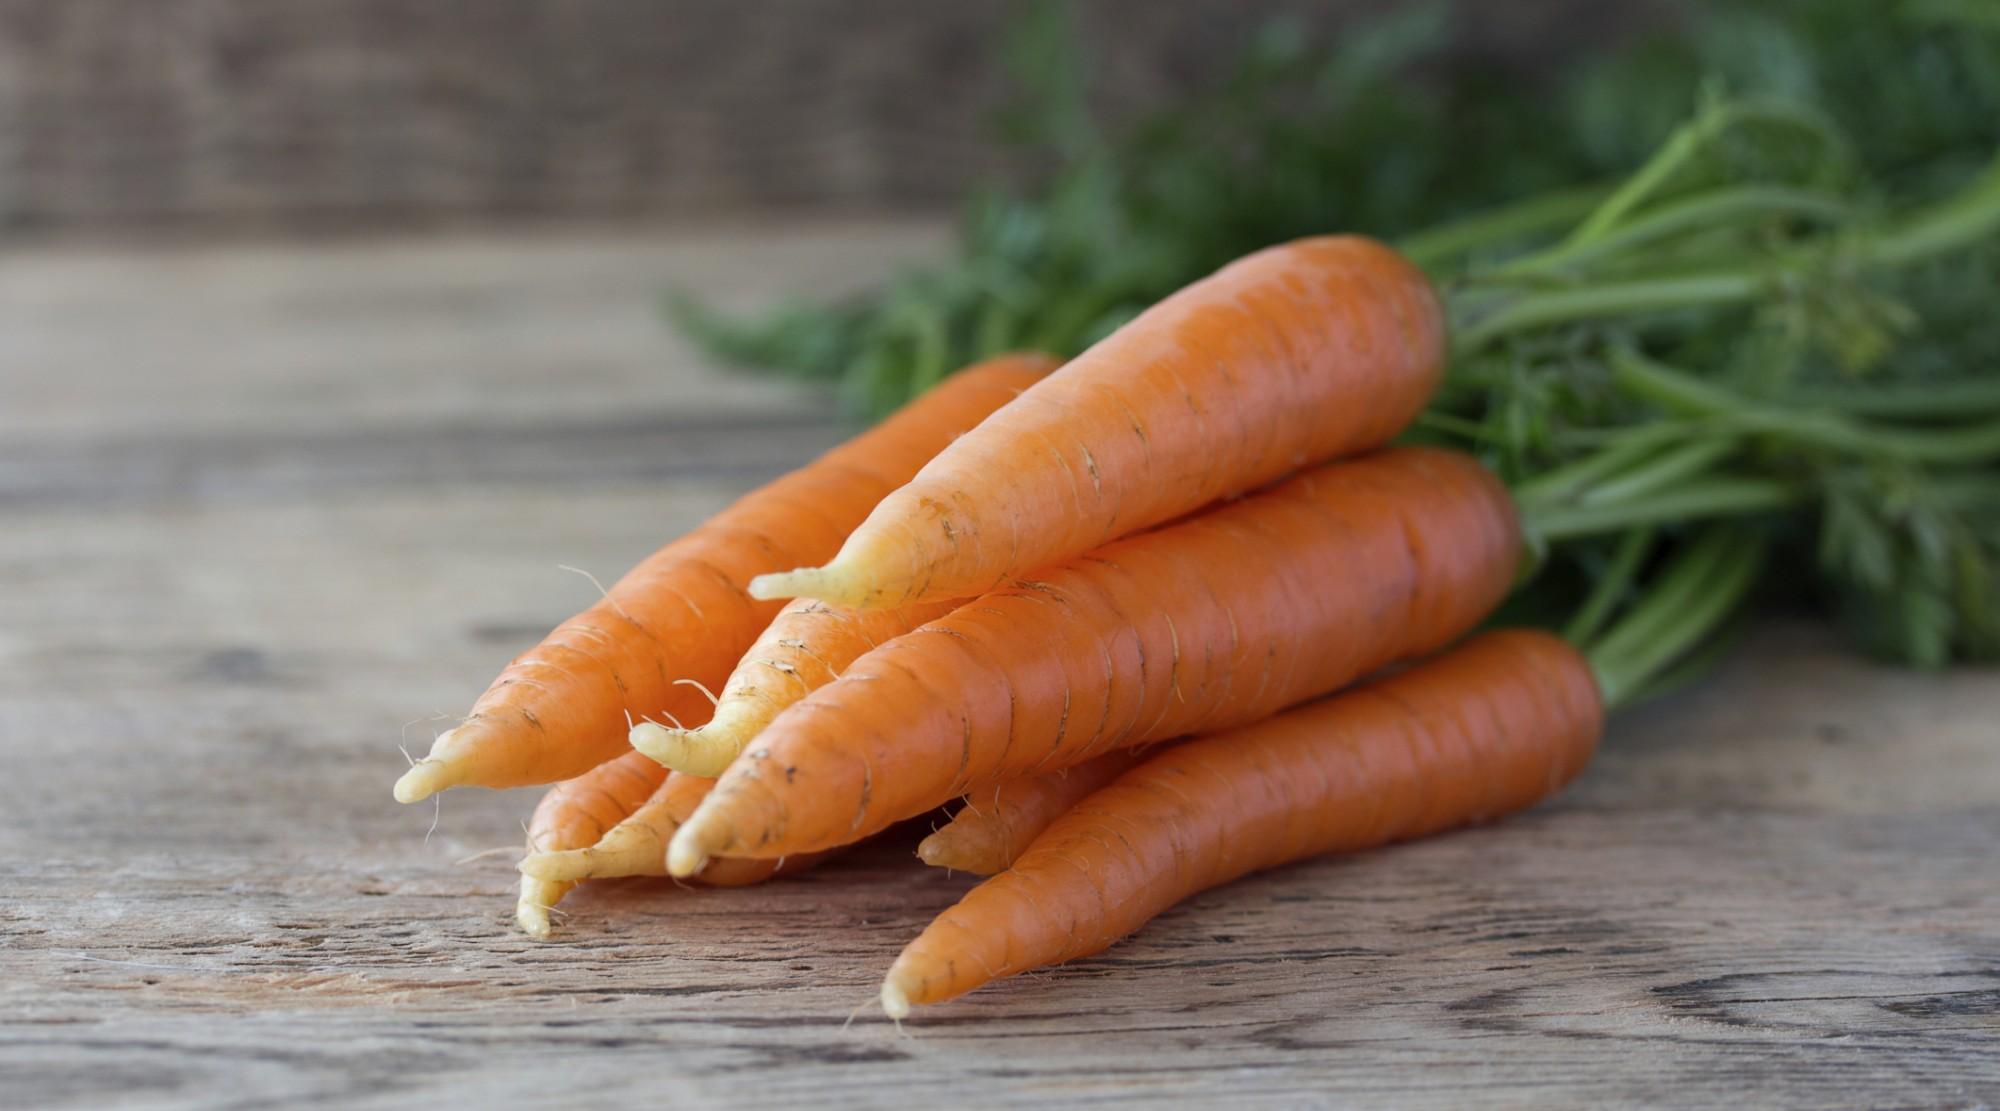 PunjabKesari, Carrot